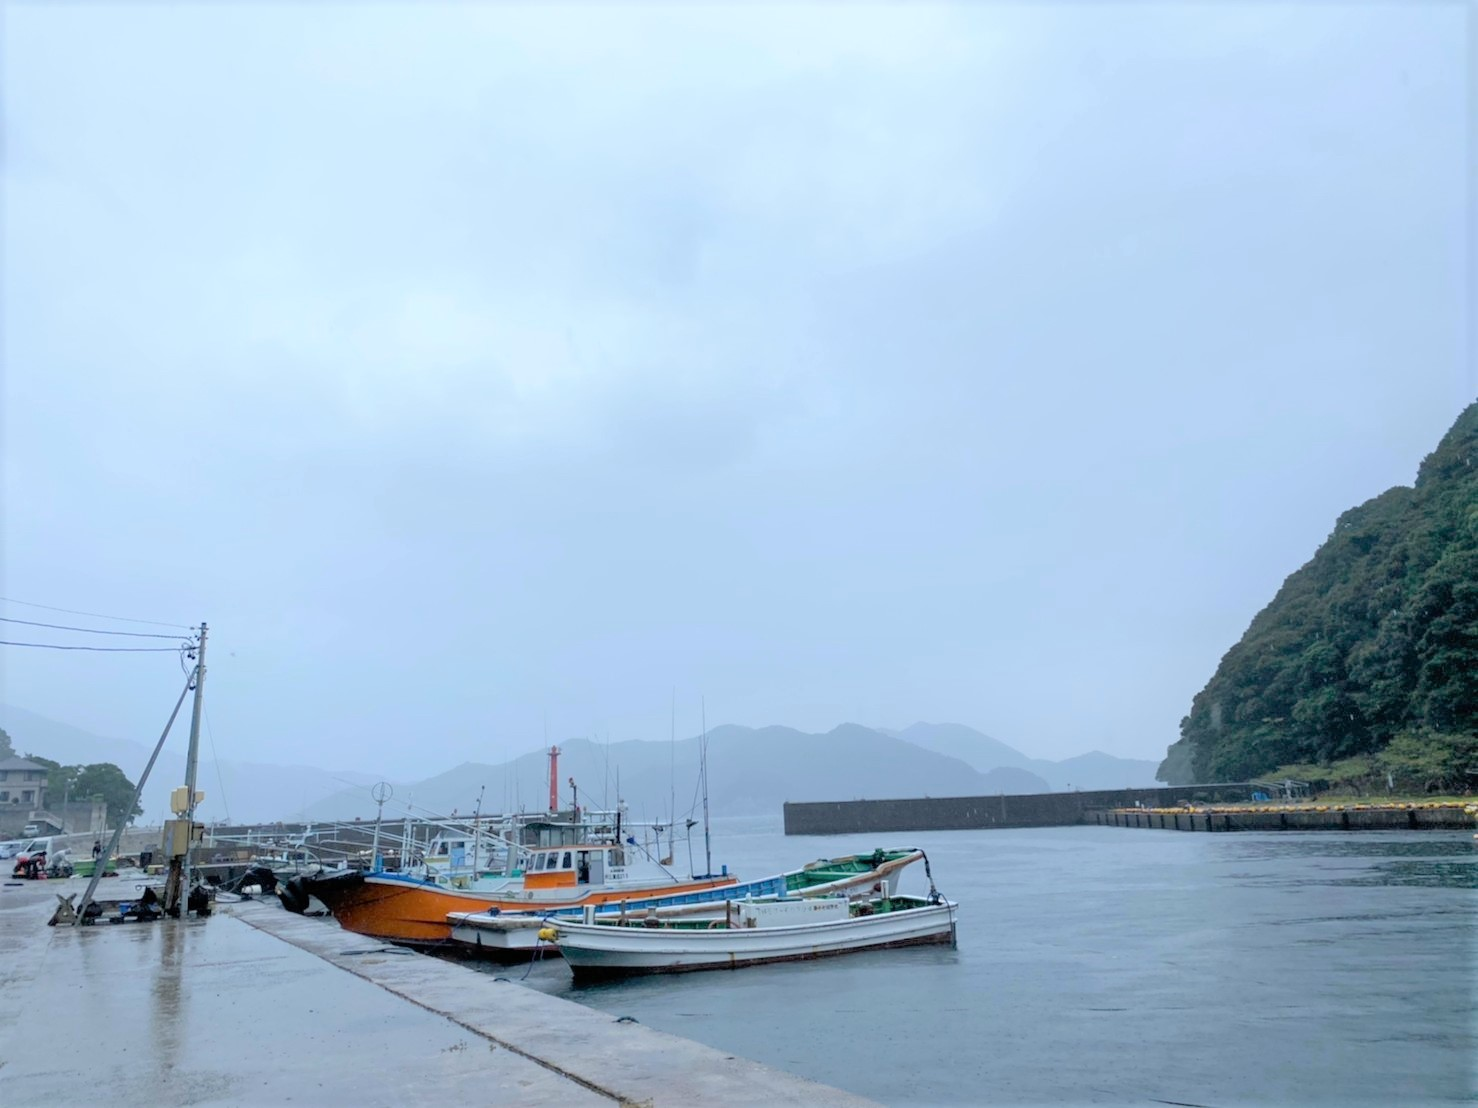 【三重県尾鷲市】『梶賀漁港(かじか)』の海釣りガイド(釣れる魚・駐車場・トイレ)